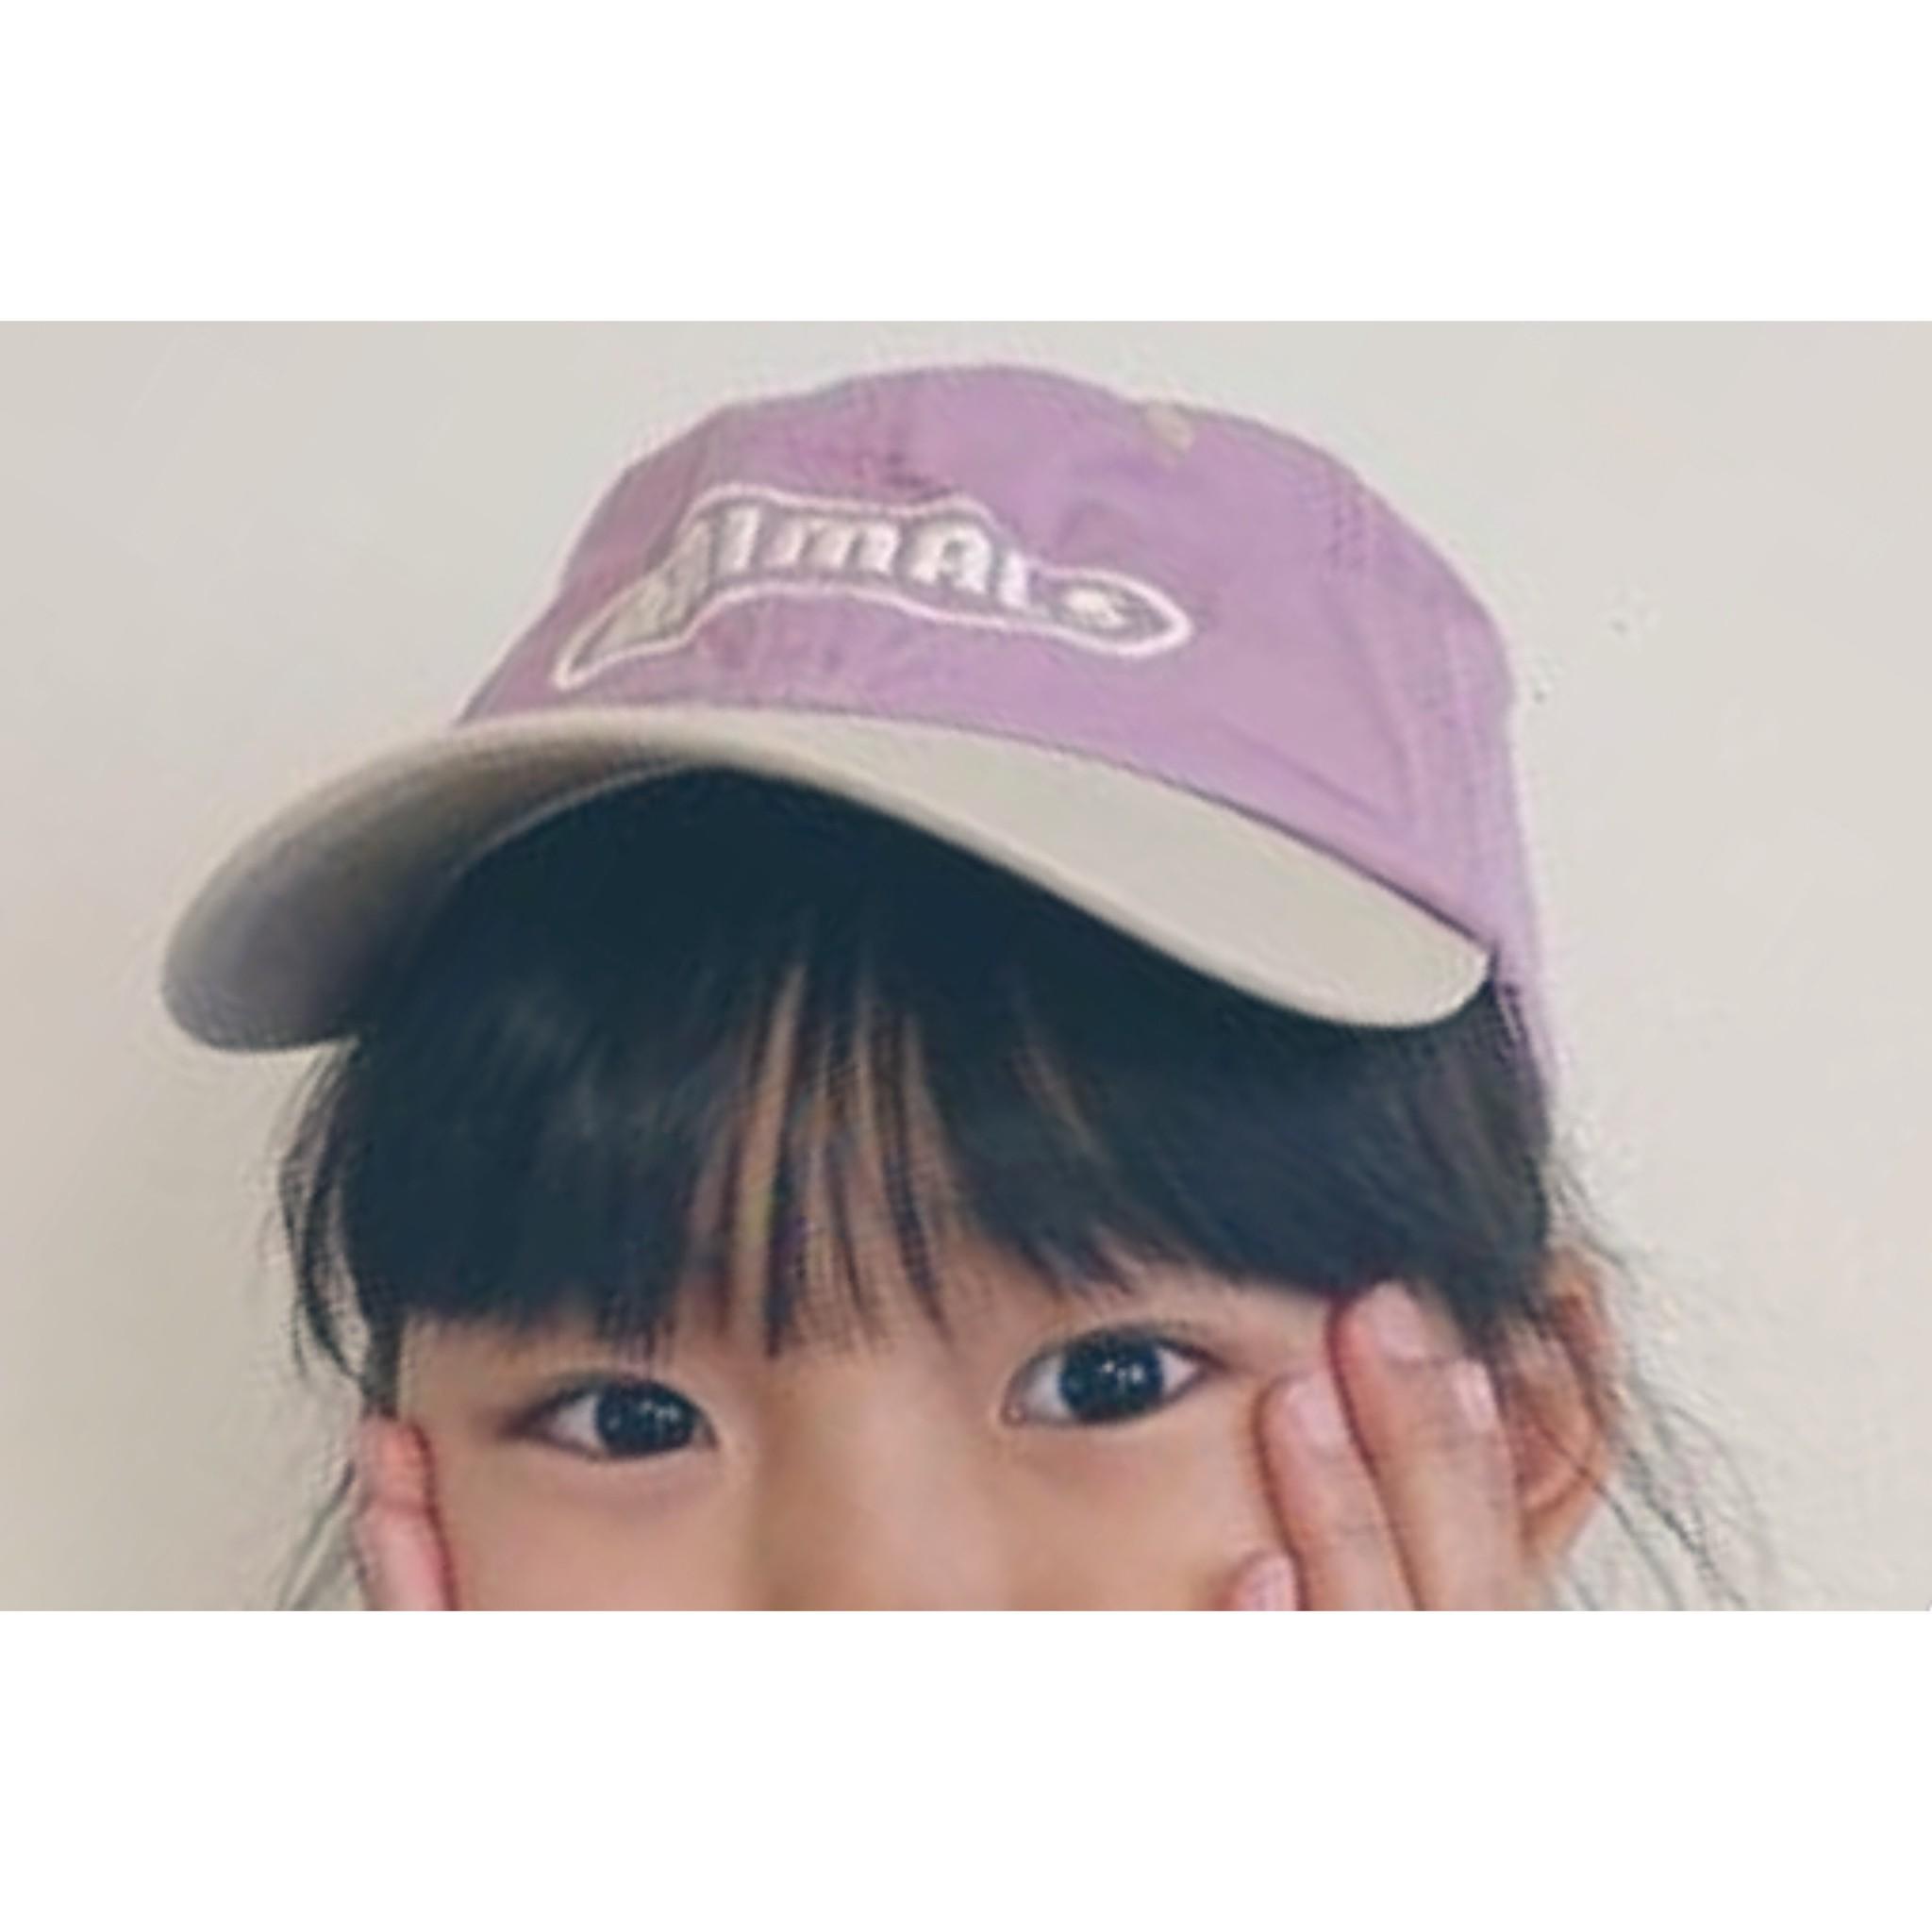 さんくす♡girl